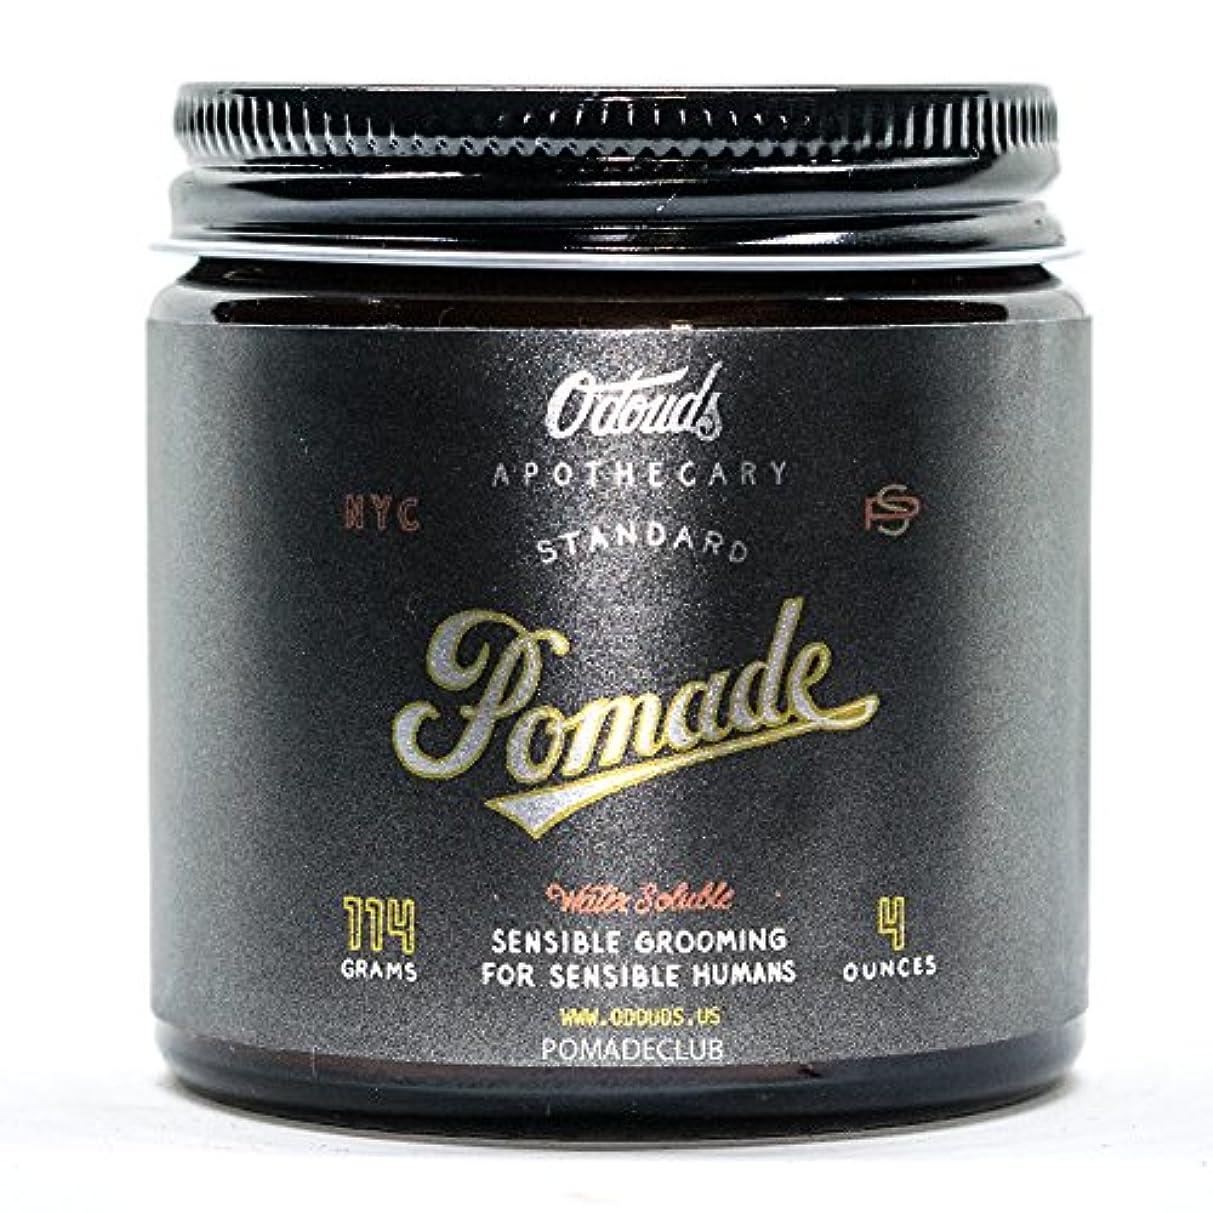 食欲給料シェードO'Douds (オダウズ) スタンダードポマード STANDARD POMADE メンズ 整髪料 水性 ヘアグリース クリームタイプ ツヤあり ストロングホールド